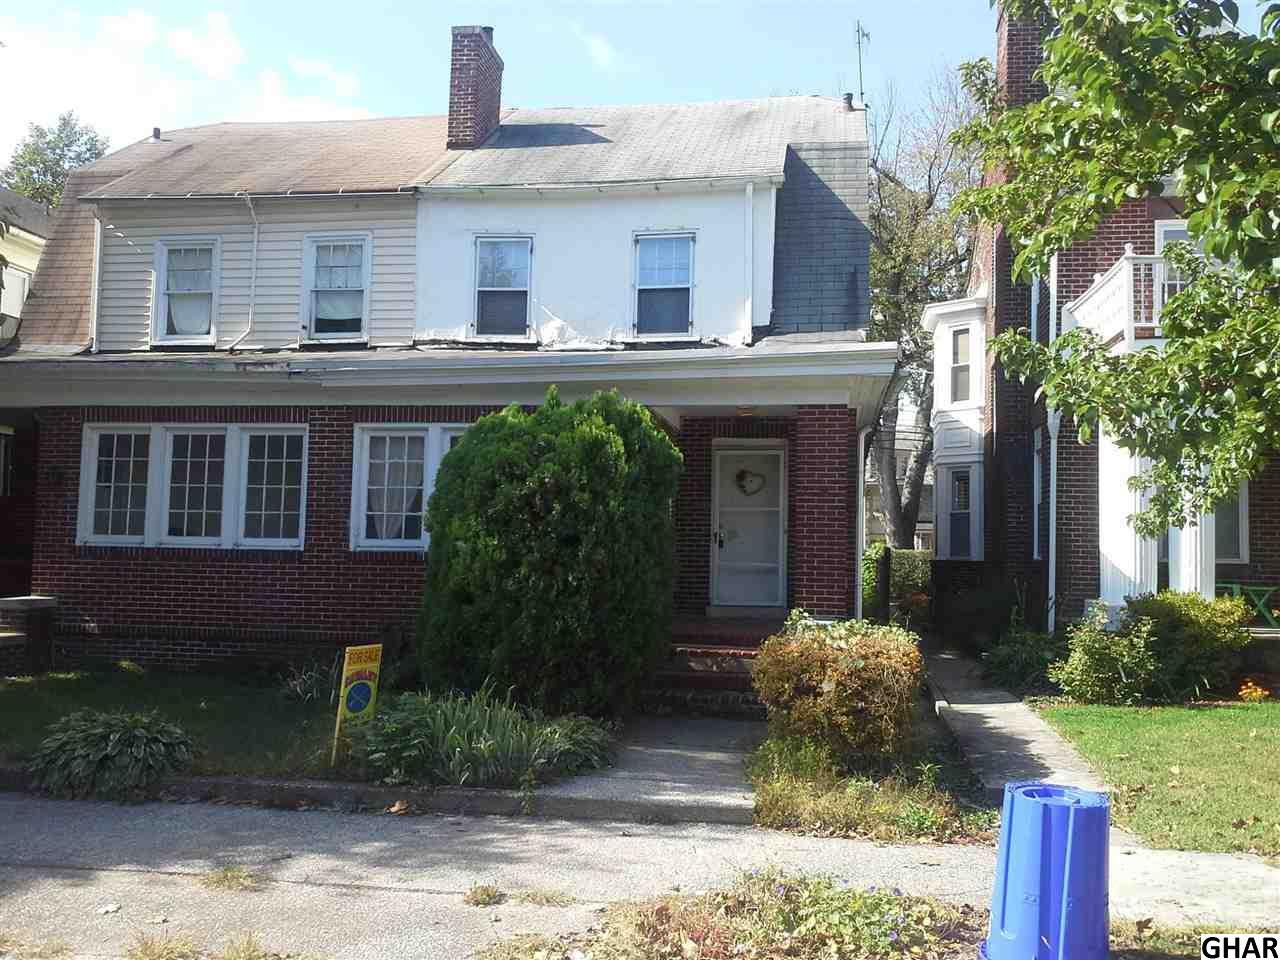 2406 N 2nd St, Harrisburg, PA 17110